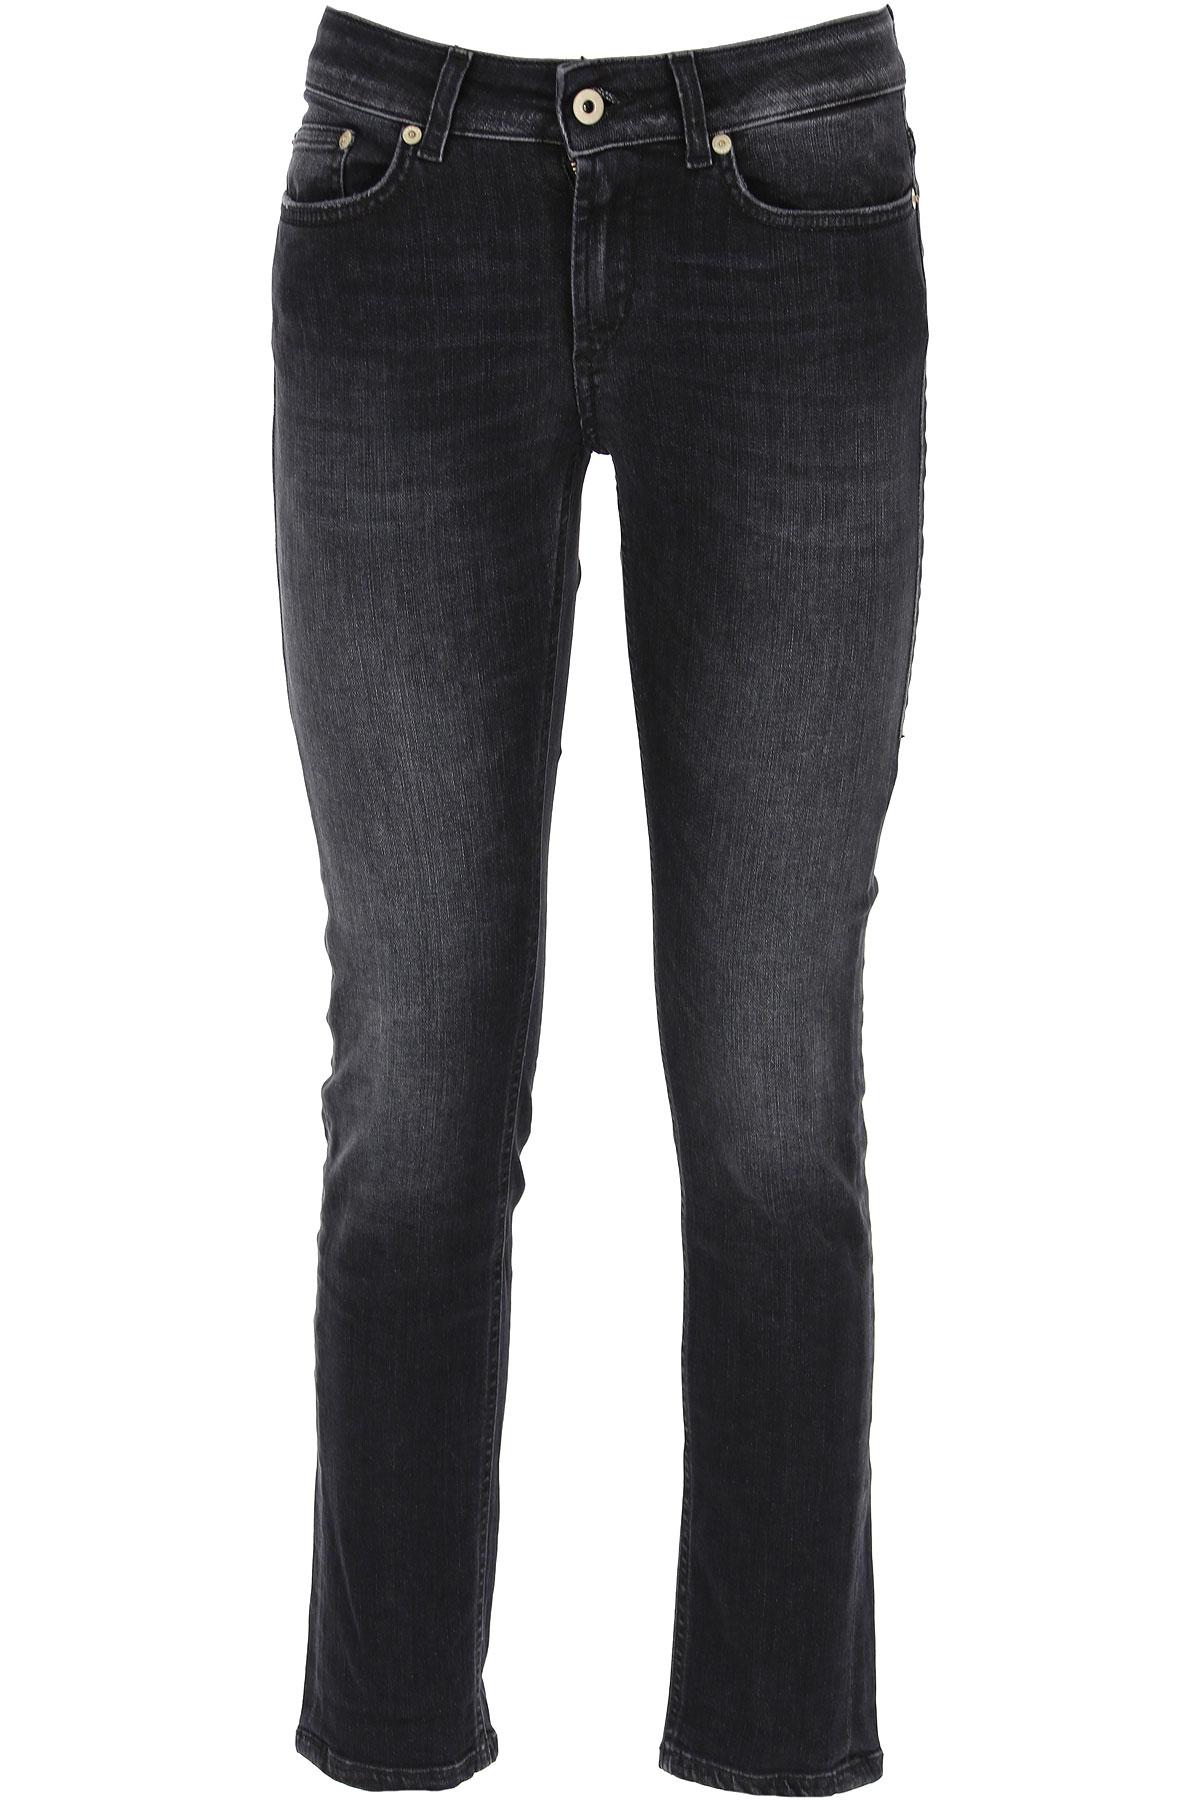 Dondup Jeans, Black, Cotton, 2017, 25 26 27 28 29 30